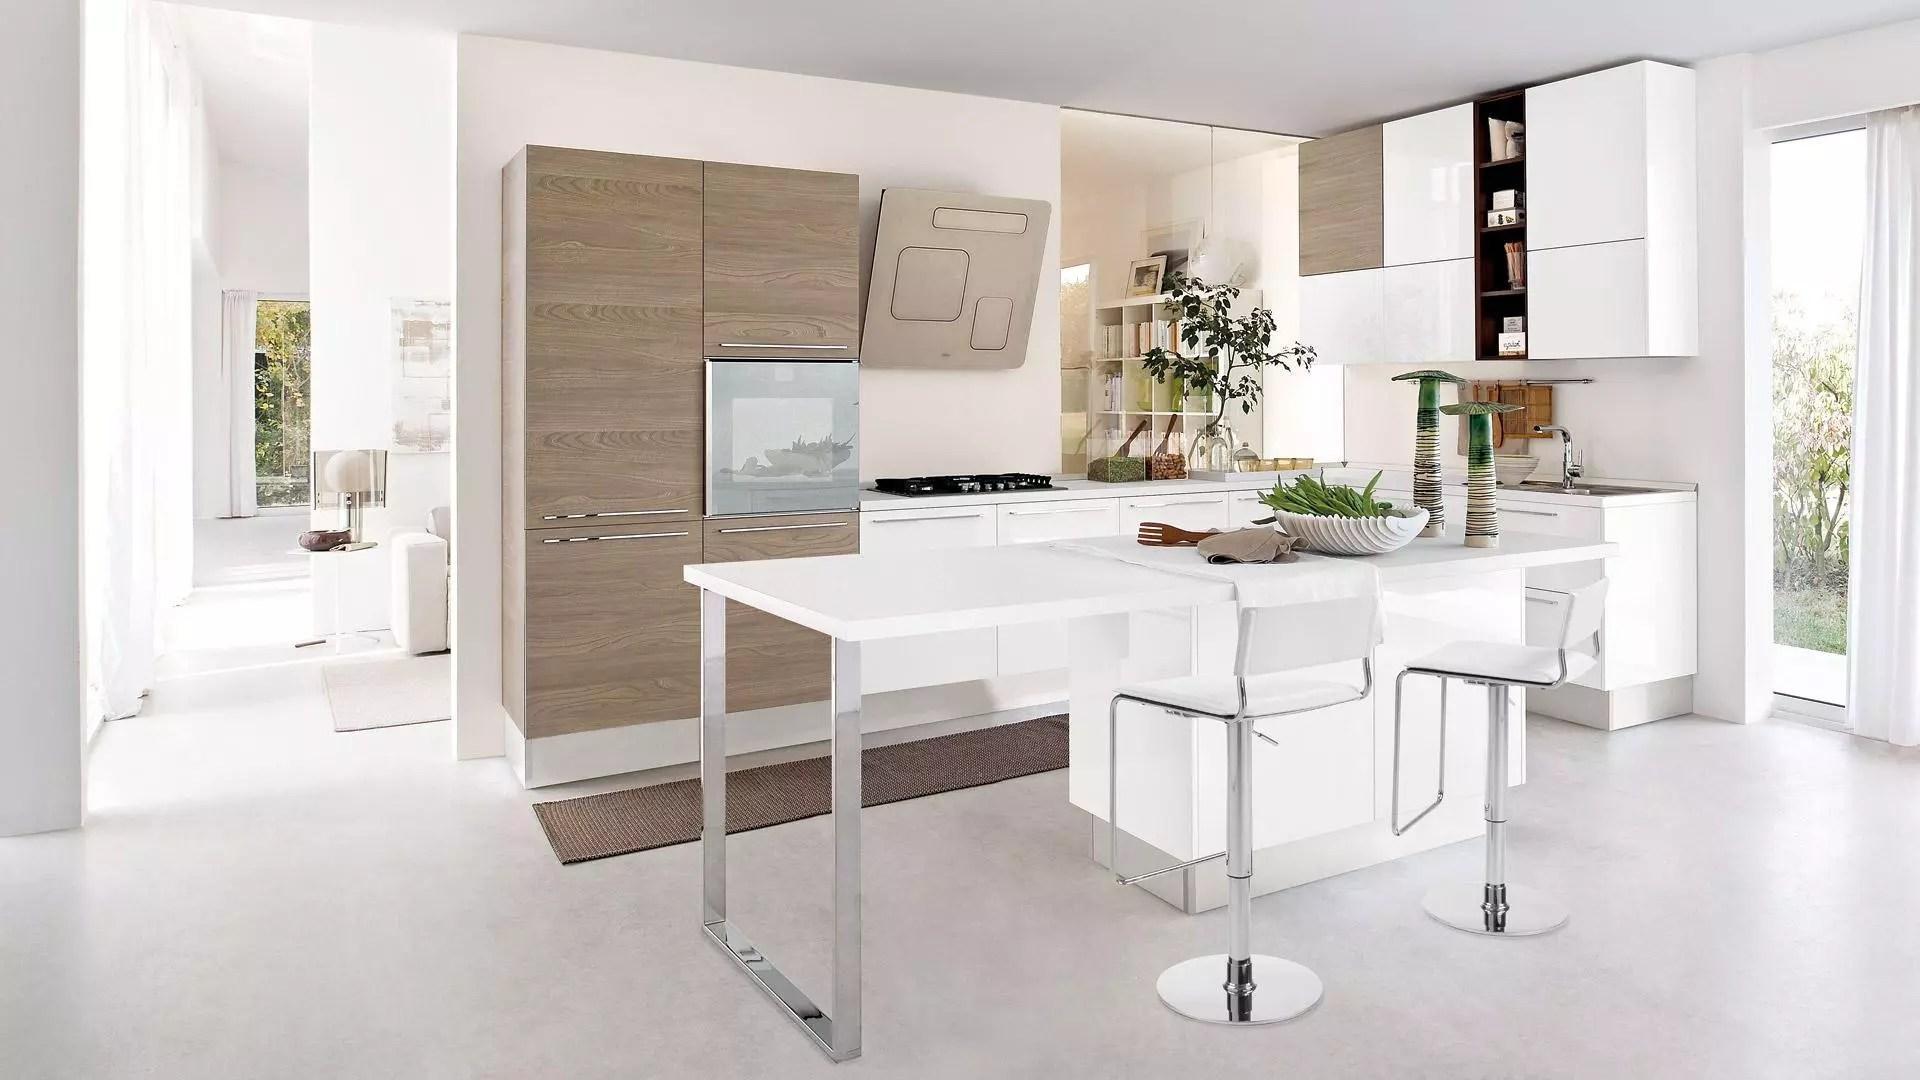 Cucina piccola 5 consigli per farla sembrare pi grande e spaziosa  Lube Store Milano  Le